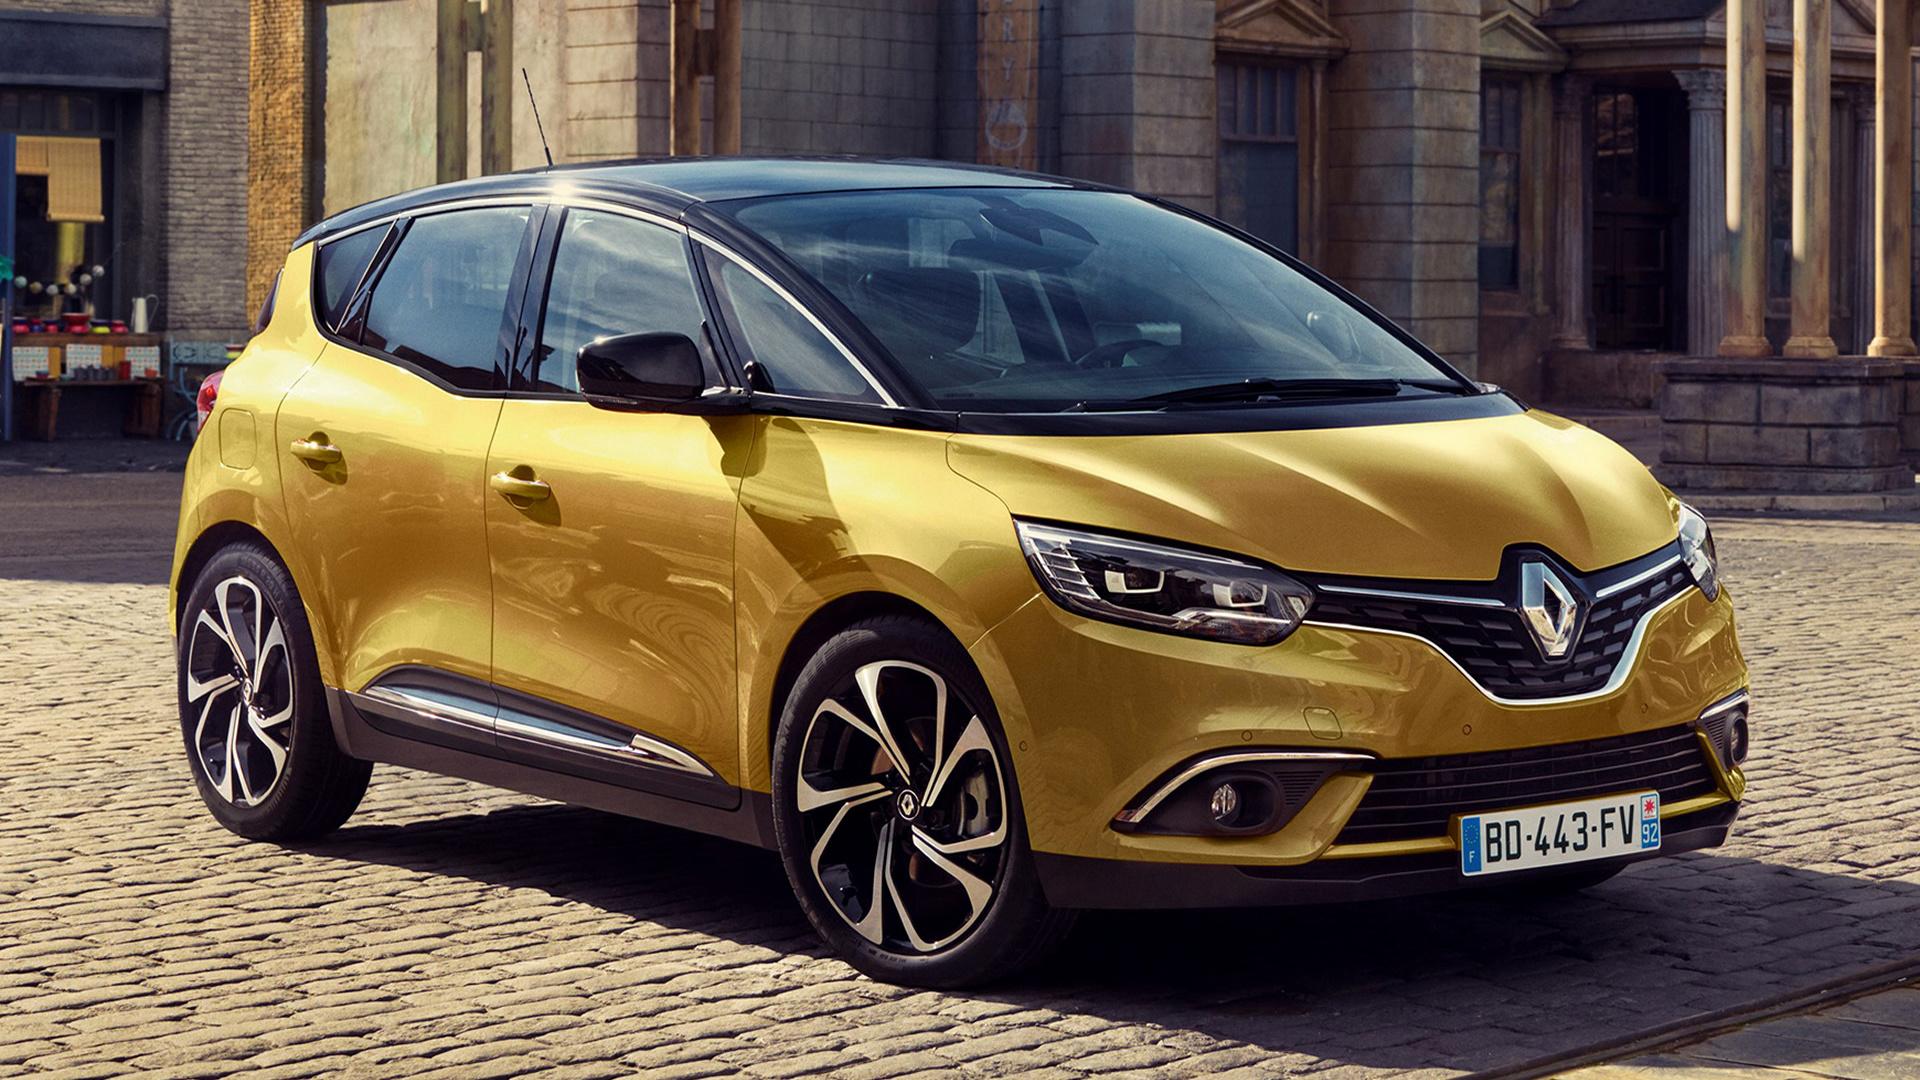 2016 Renault Scenic Fondos De Pantalla E Imágenes En Hd